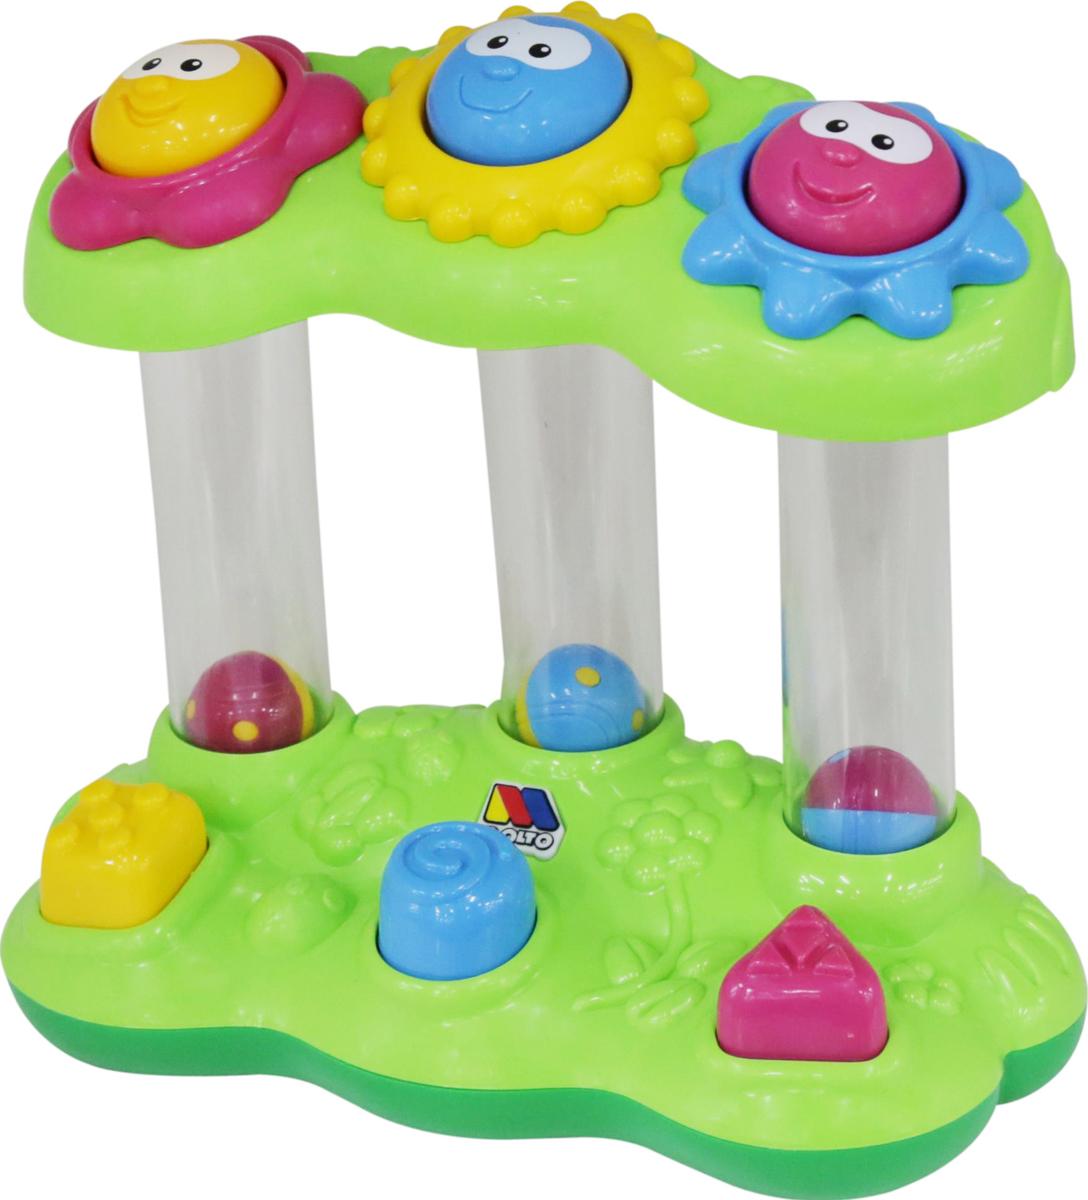 грузовики полесье игрушки Полесье Развивающая игрушка Забавный сад